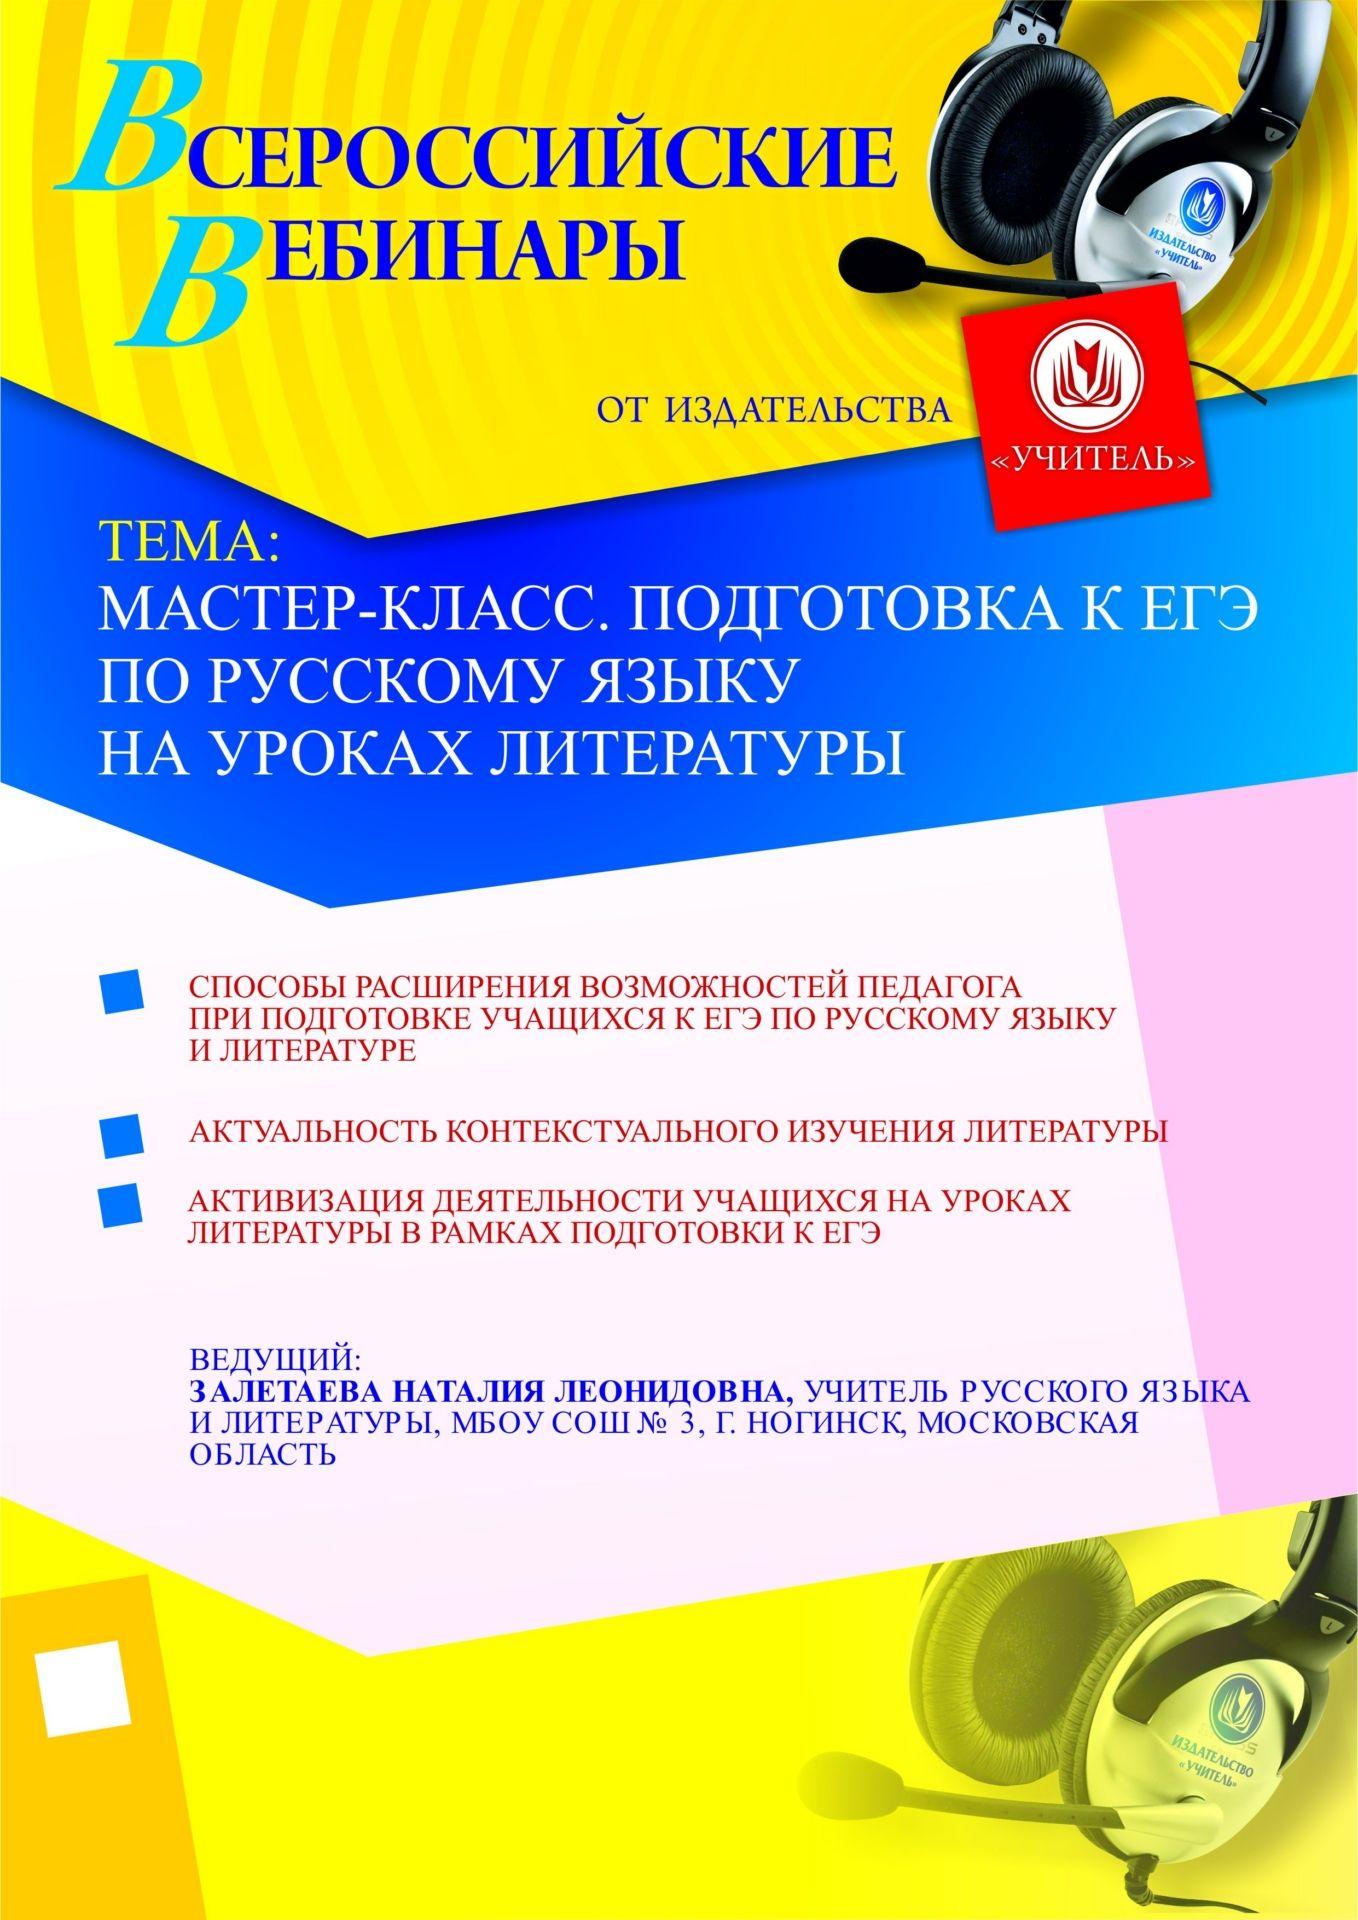 Мастер-класс. Подготовка к ЕГЭ по русскому языку на уроках литературы фото